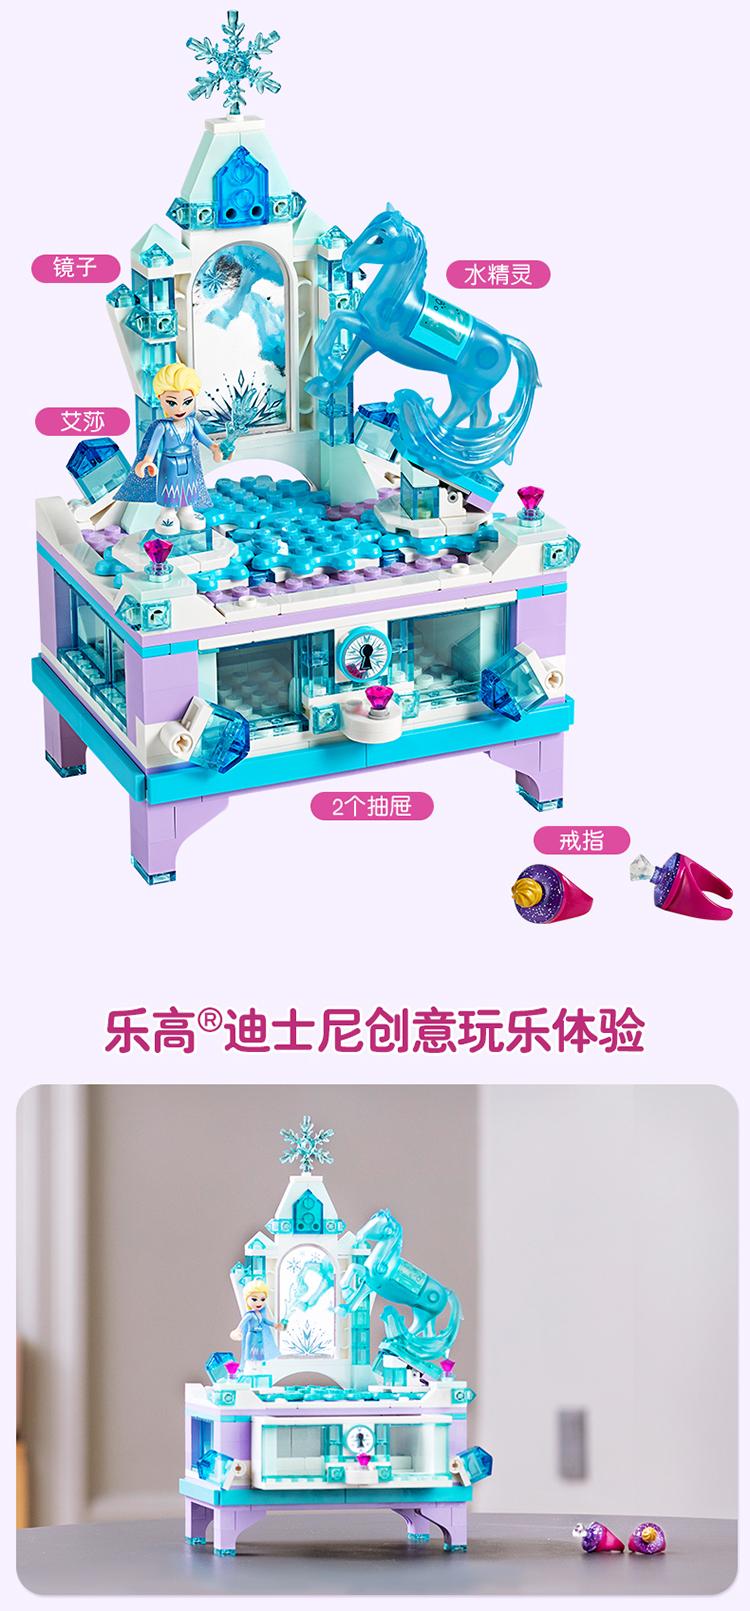 乐高(LEGO)积木 迪士尼系列 冰雪奇缘 女孩生日礼物 6岁+ 艾莎的创意珠宝盒 41168